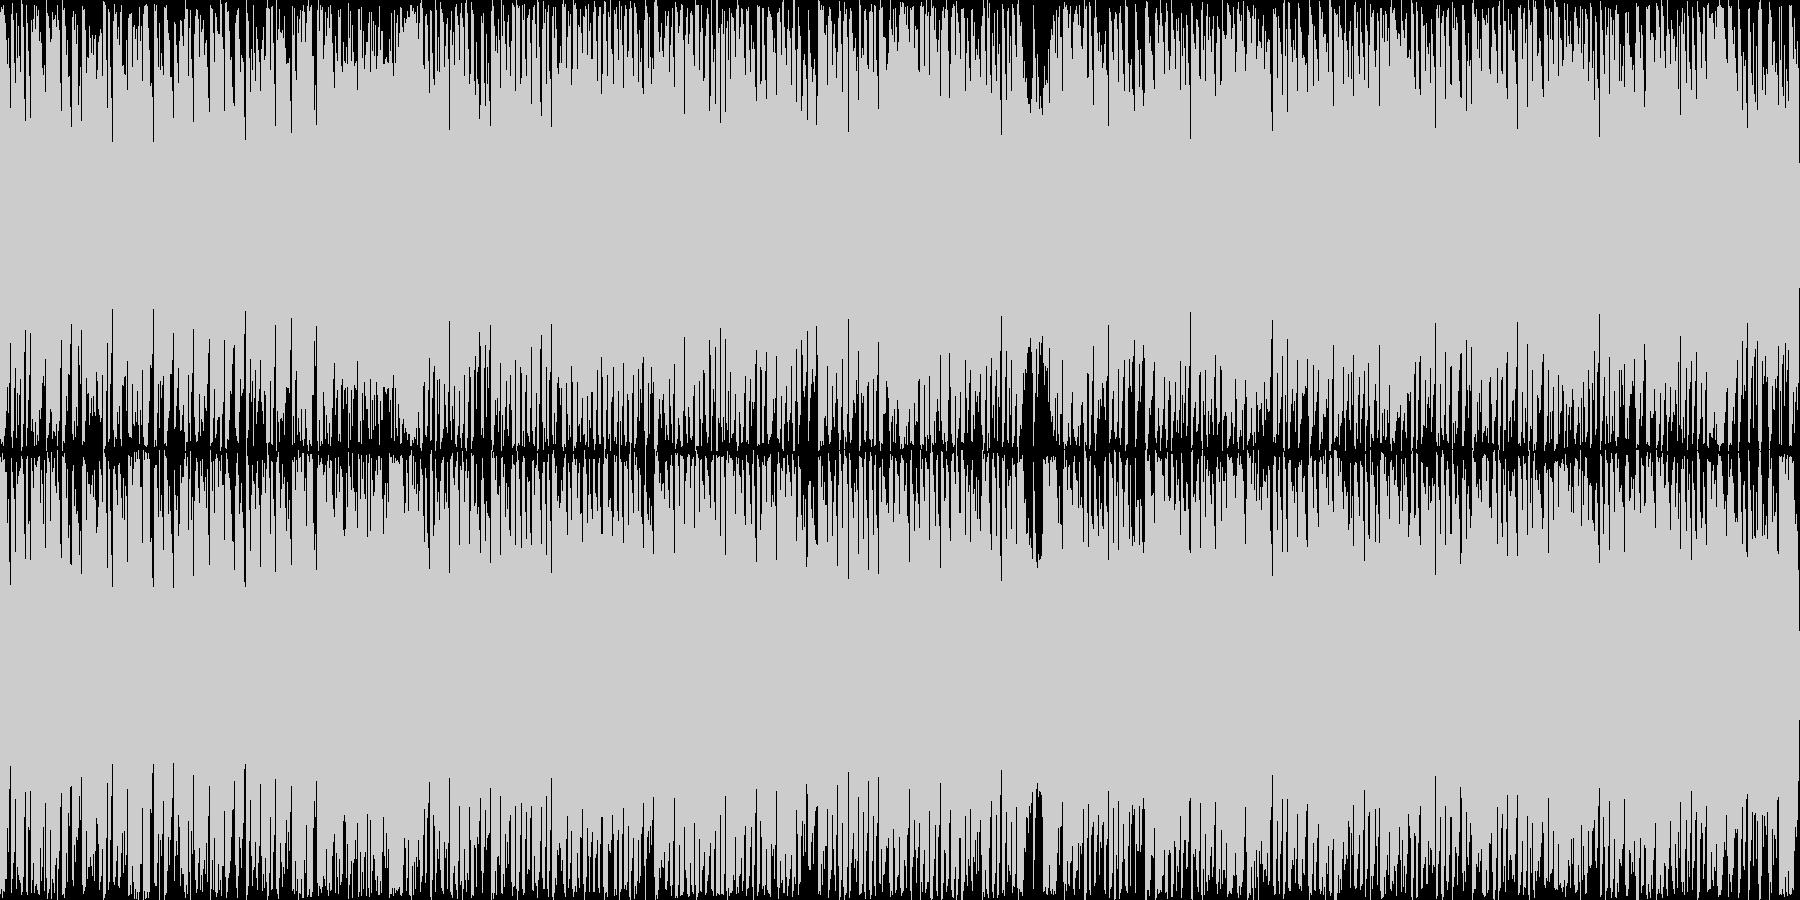 爽快で明るくハイテンションな曲 ループ可の未再生の波形